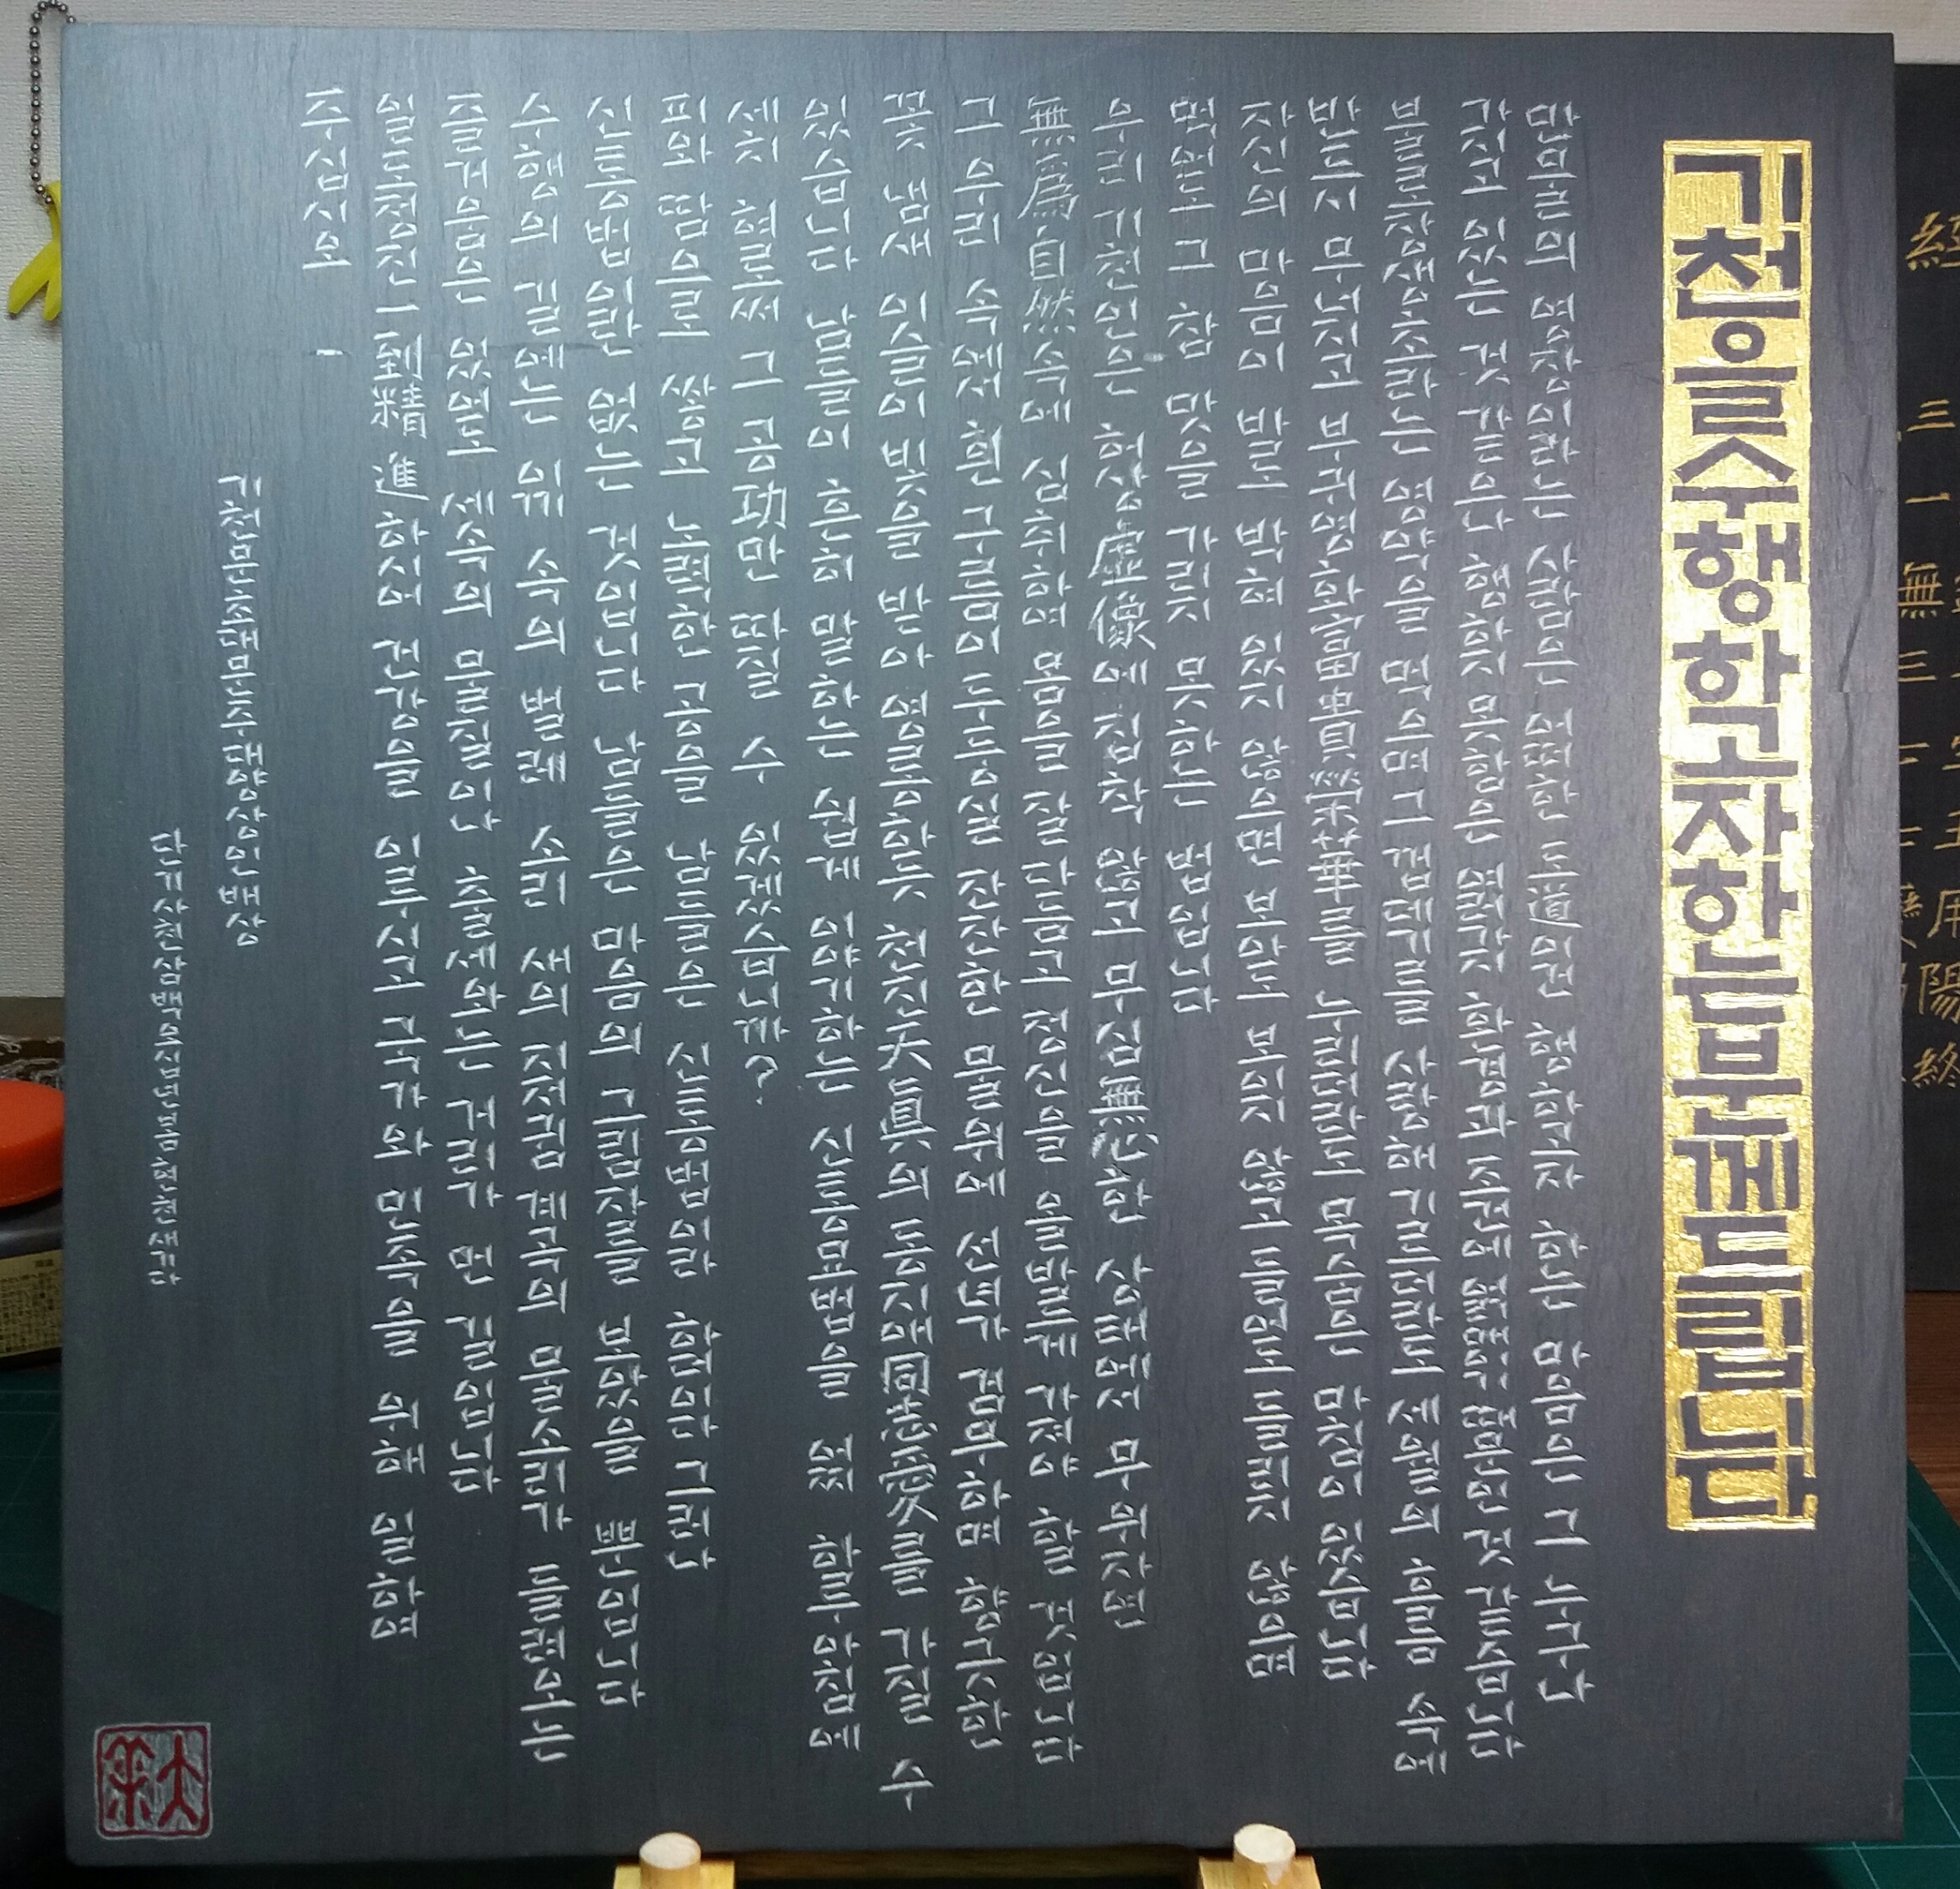 20170410_022349-1.jpg